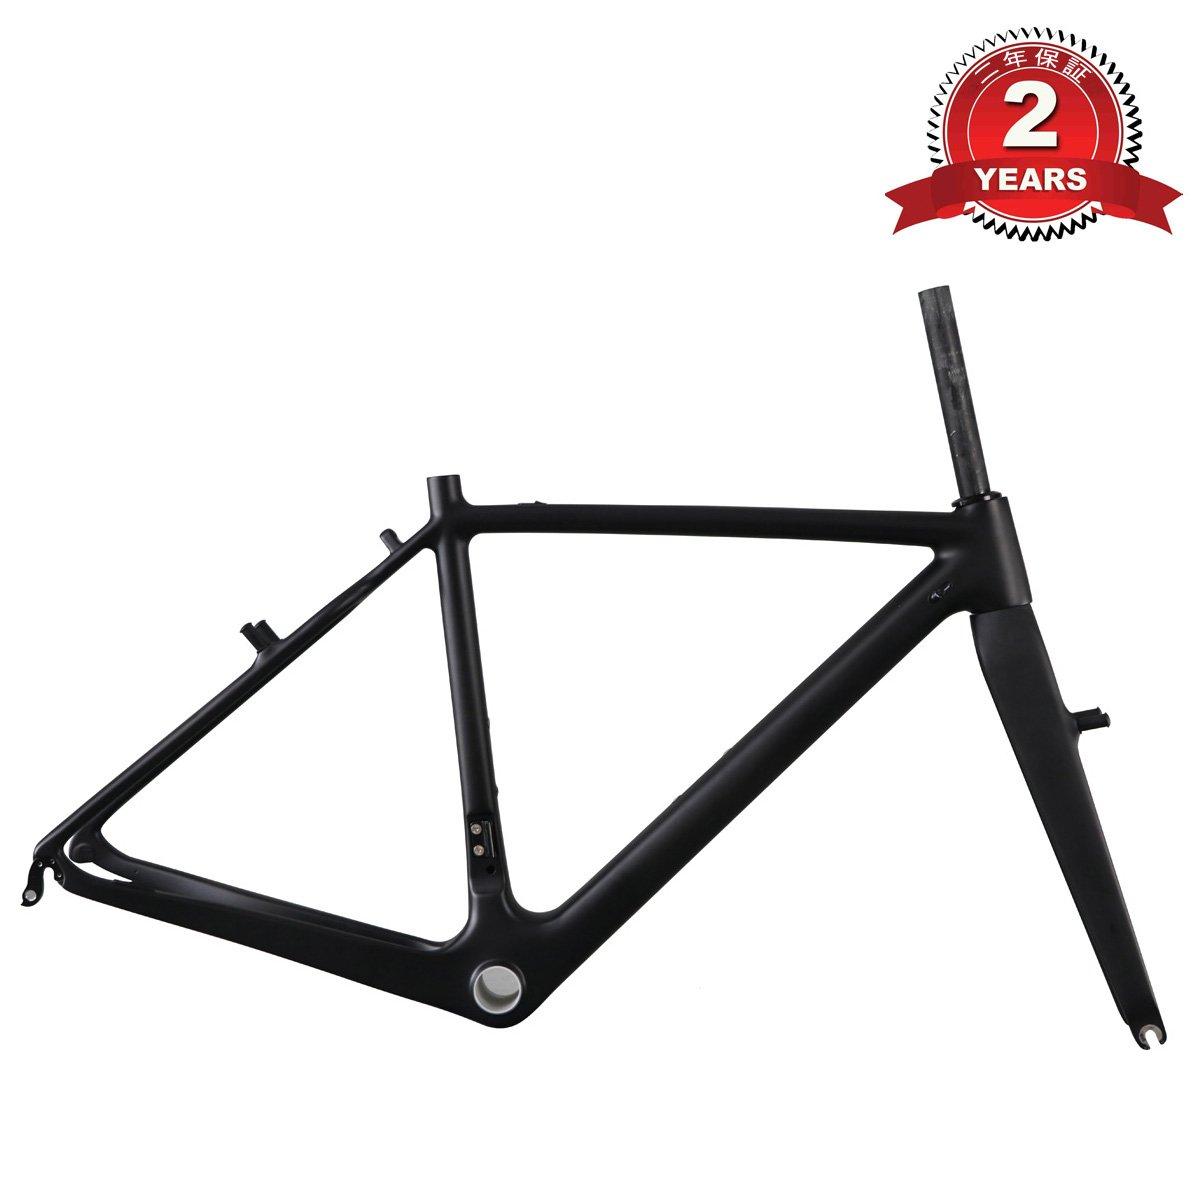 ICAN(アイカン) AC108 フルカーボン フレーム クロスバイク用 キャリパーブレーキ フレーム UDマット(黒) BB86 貫通軸 130×9mm サイズ: 48/50/52/54/56/58cm 選択可 B01IMW9OPE 52cm